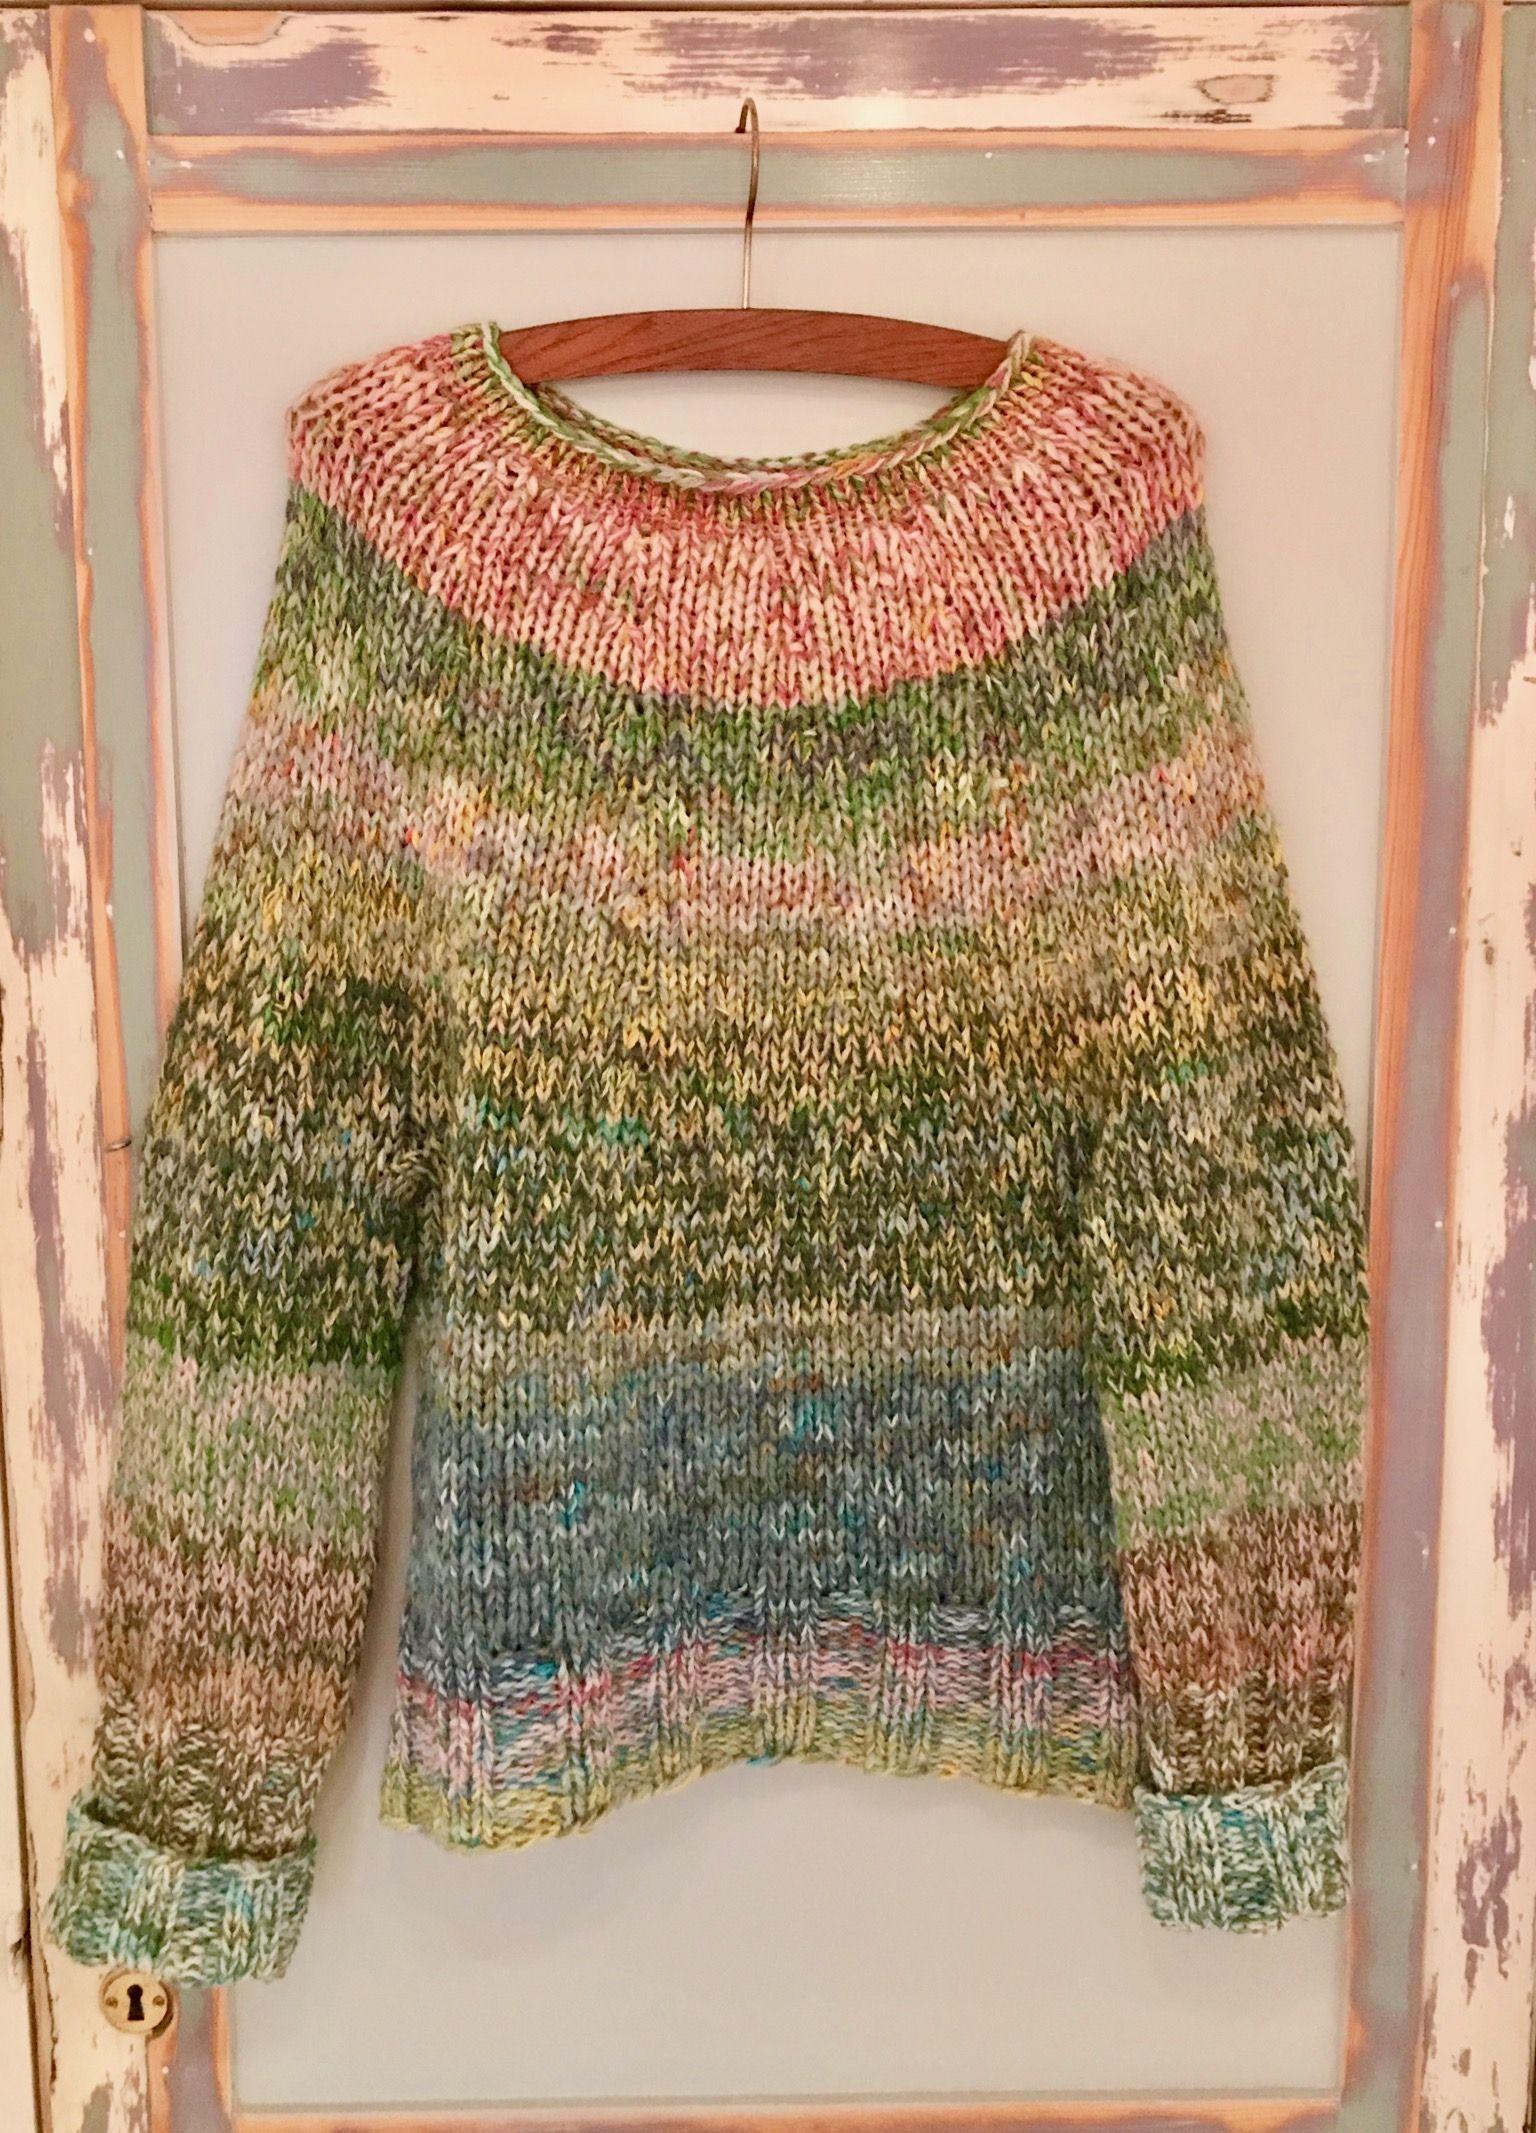 fefa6574 Tyk sweater i restegarner, uld, mohair, silke pinde 10, begyndt oppefra.